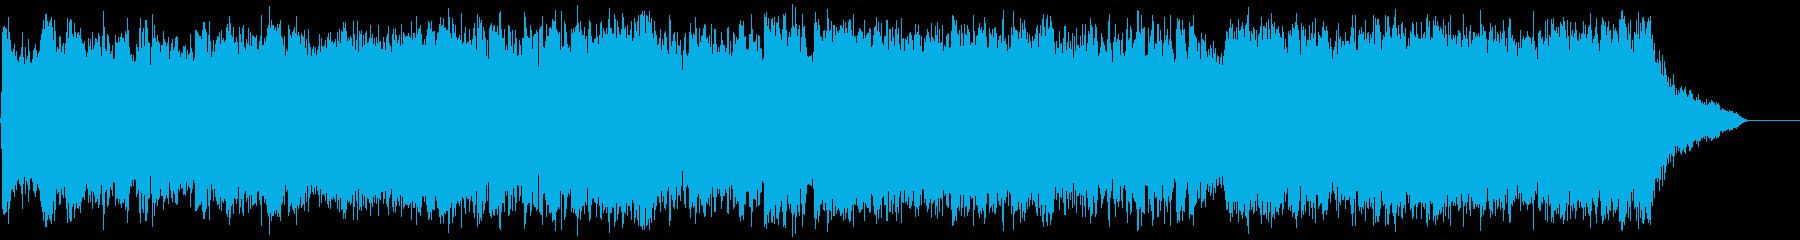 ダークファンタジーオーケストラ戦闘曲71の再生済みの波形